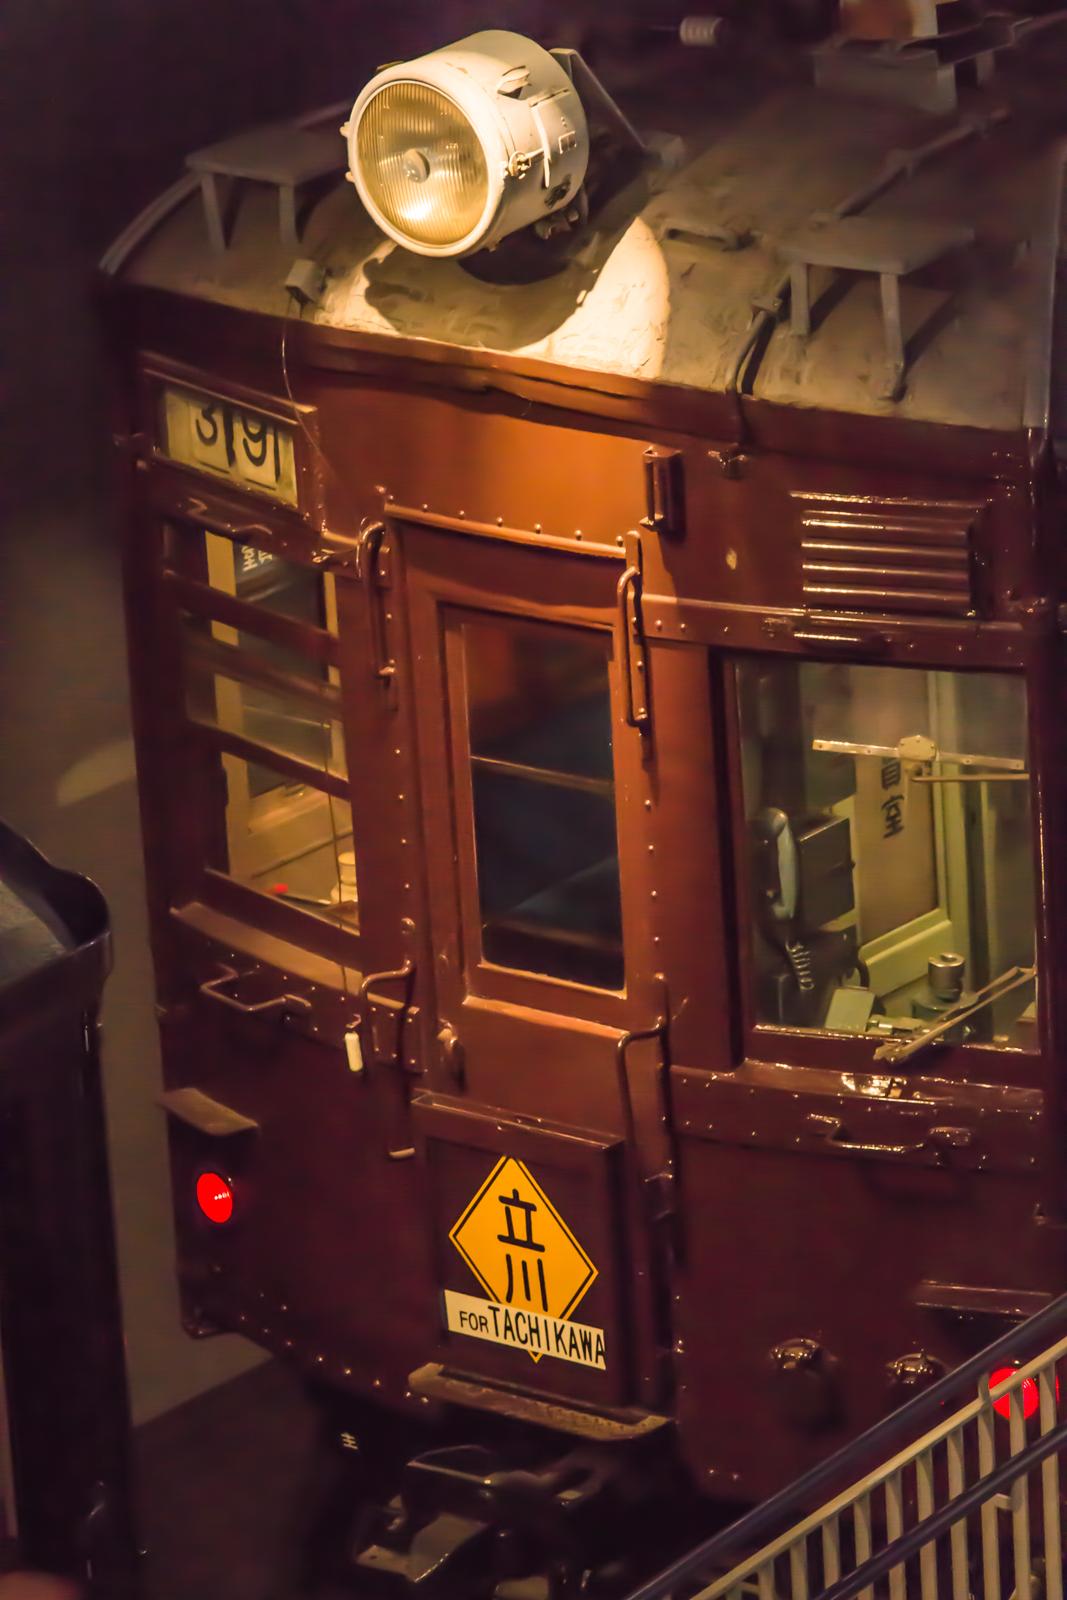 クモハ40形式電車 車号クモハ40074の写真 (1936年製造)